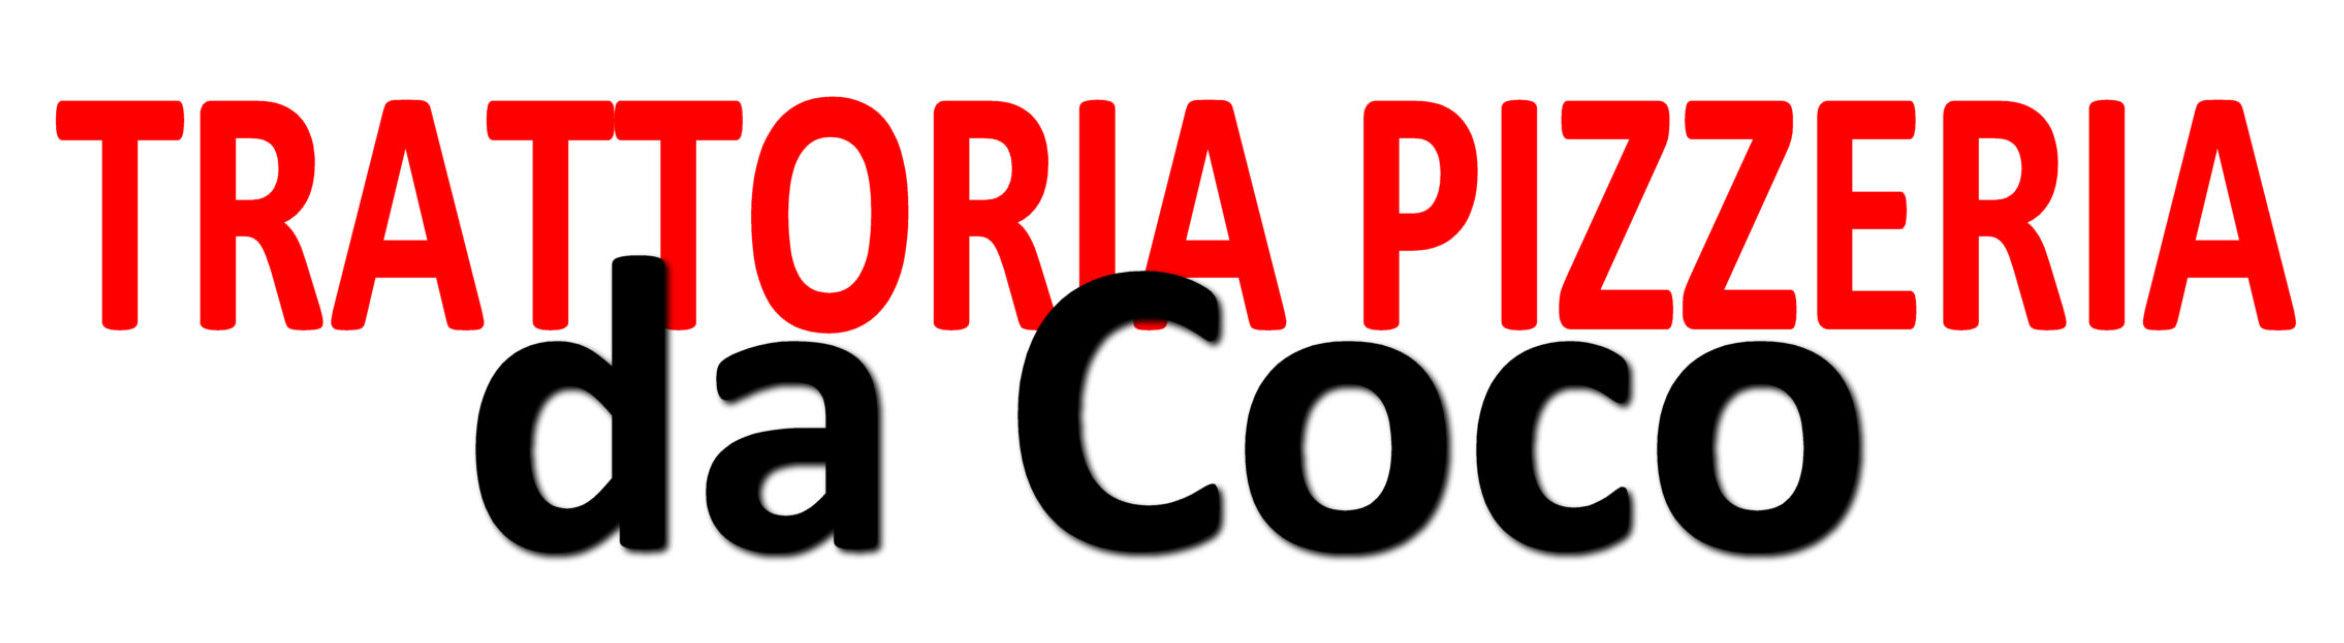 Trattoria Pizzeria da Coco